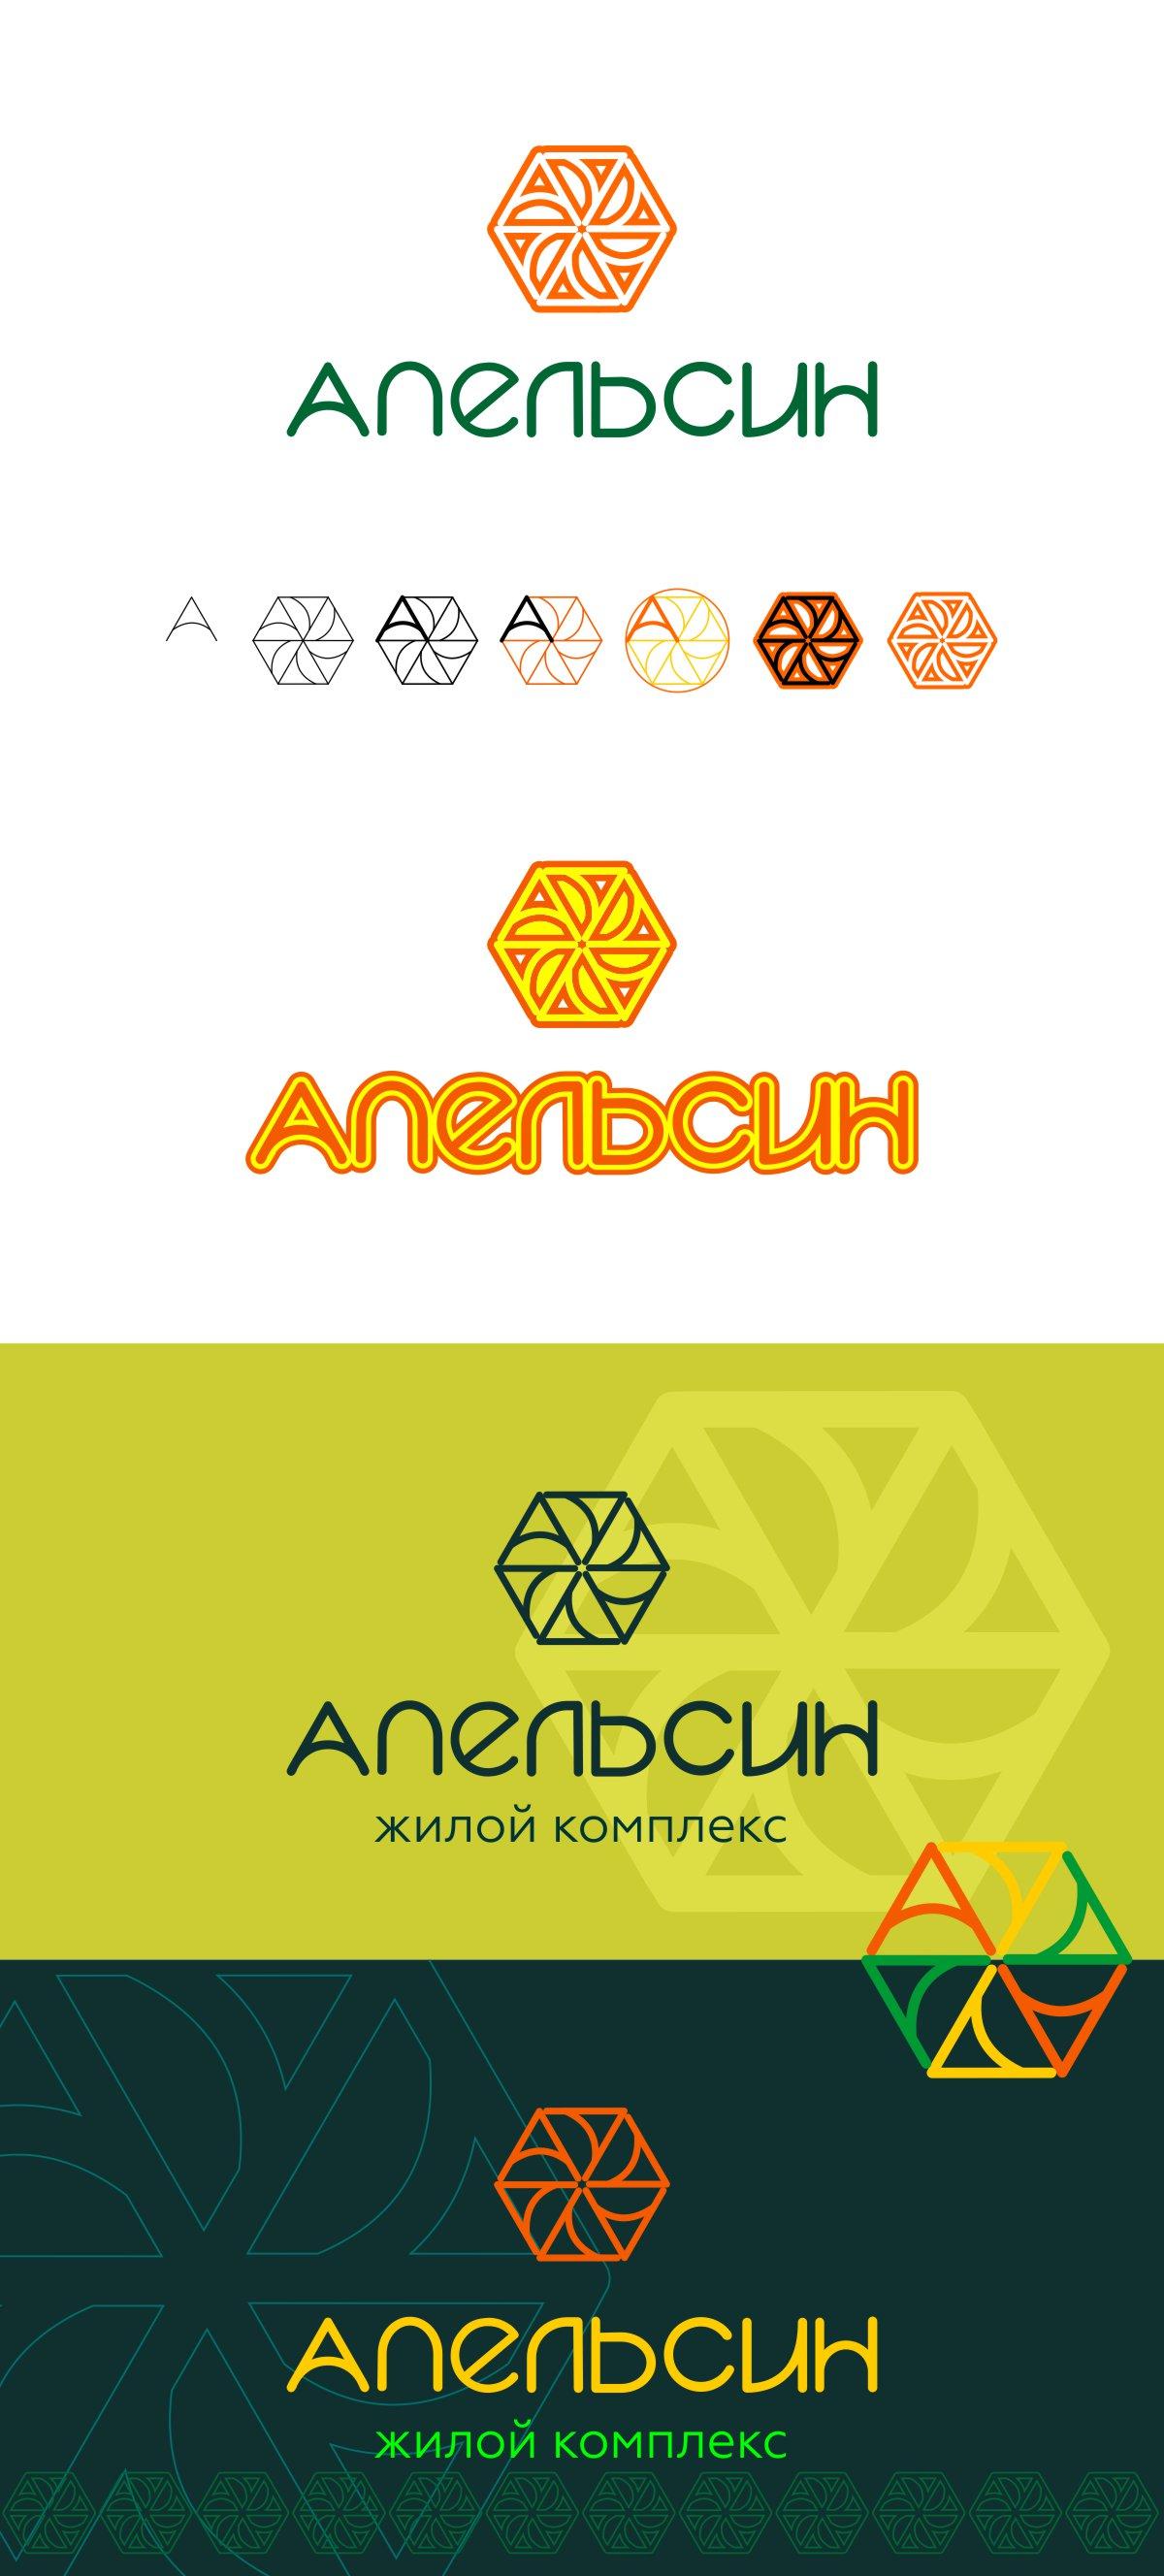 Логотип и фирменный стиль фото f_2935a5a1bbc9cc40.jpg